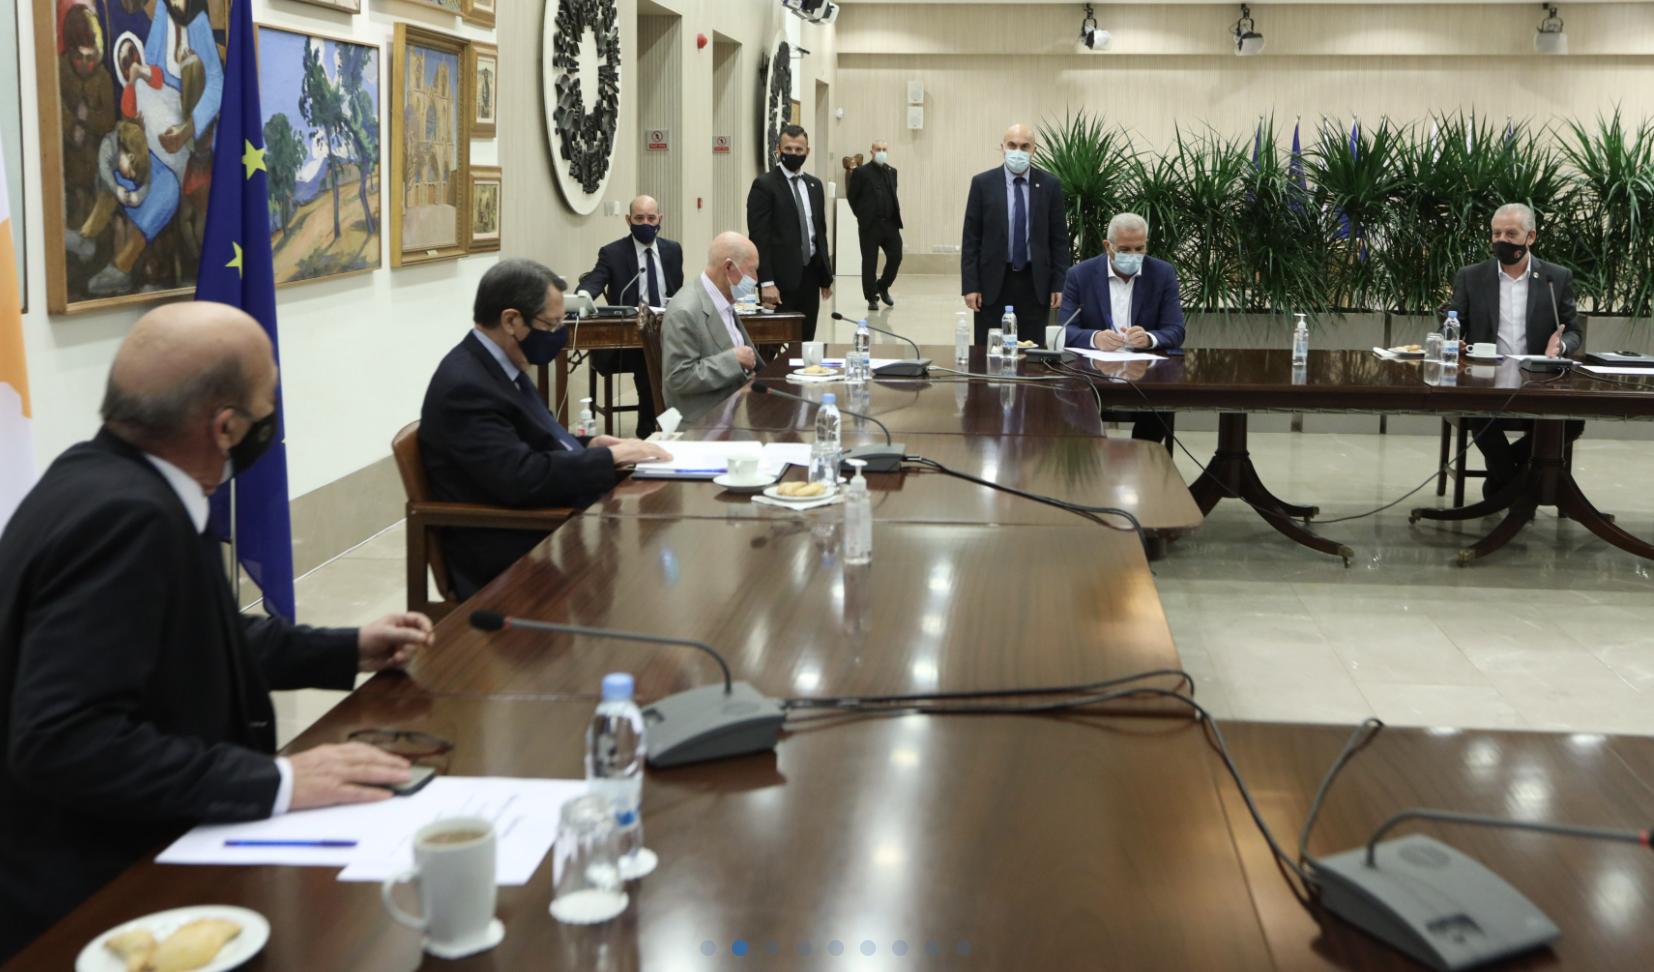 Κύπρος: Ενημέρωσε του πολιτικούς αρχηγούς ο Αναστασιάδης για τις εξελίξεις στο Κυπριακό